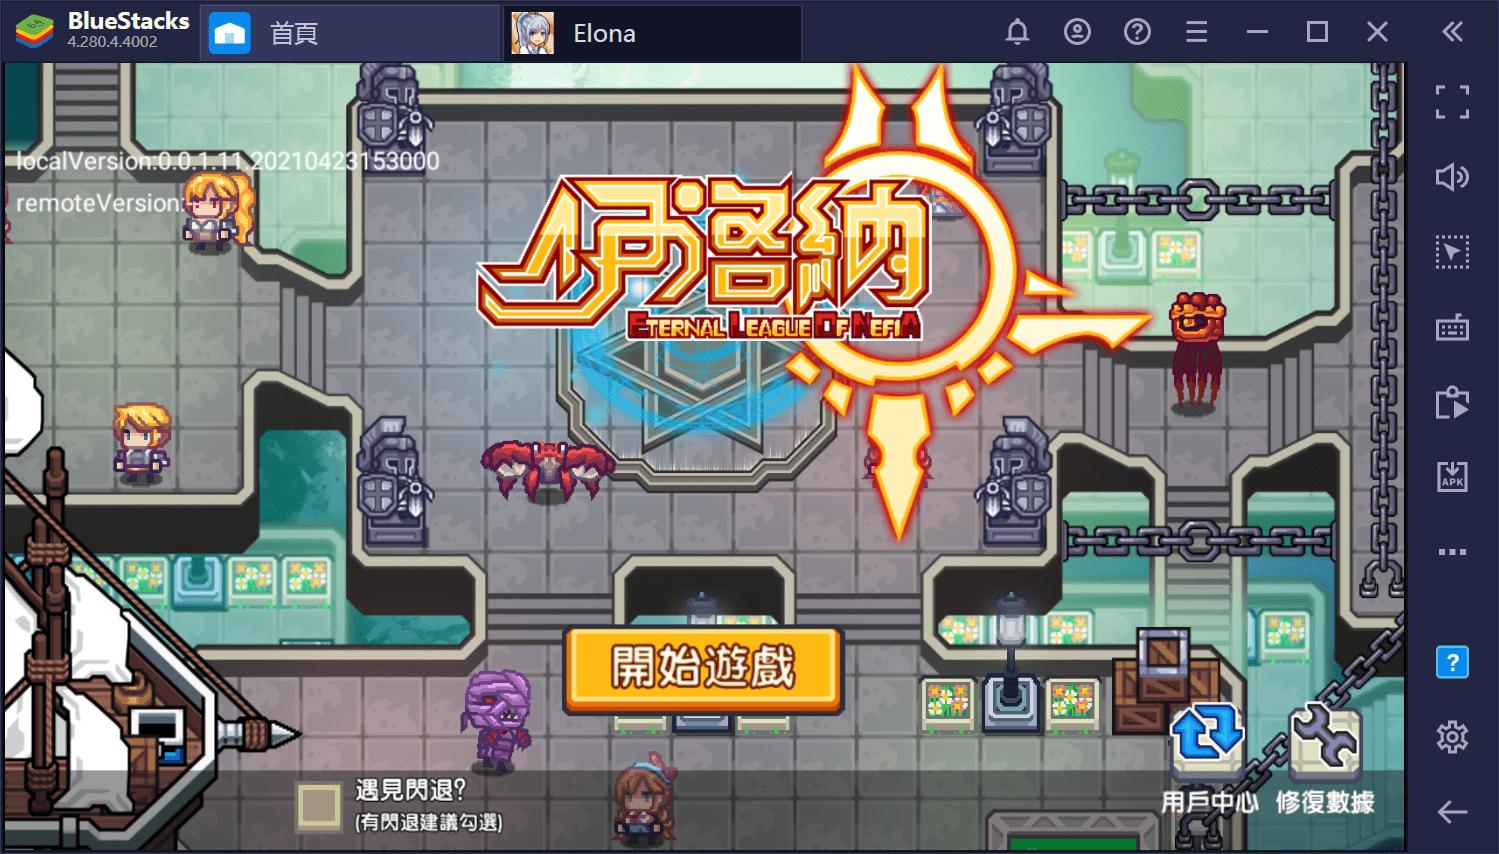 如何用BlueStacks在PC上玩日式角色扮演手遊《伊洛納》